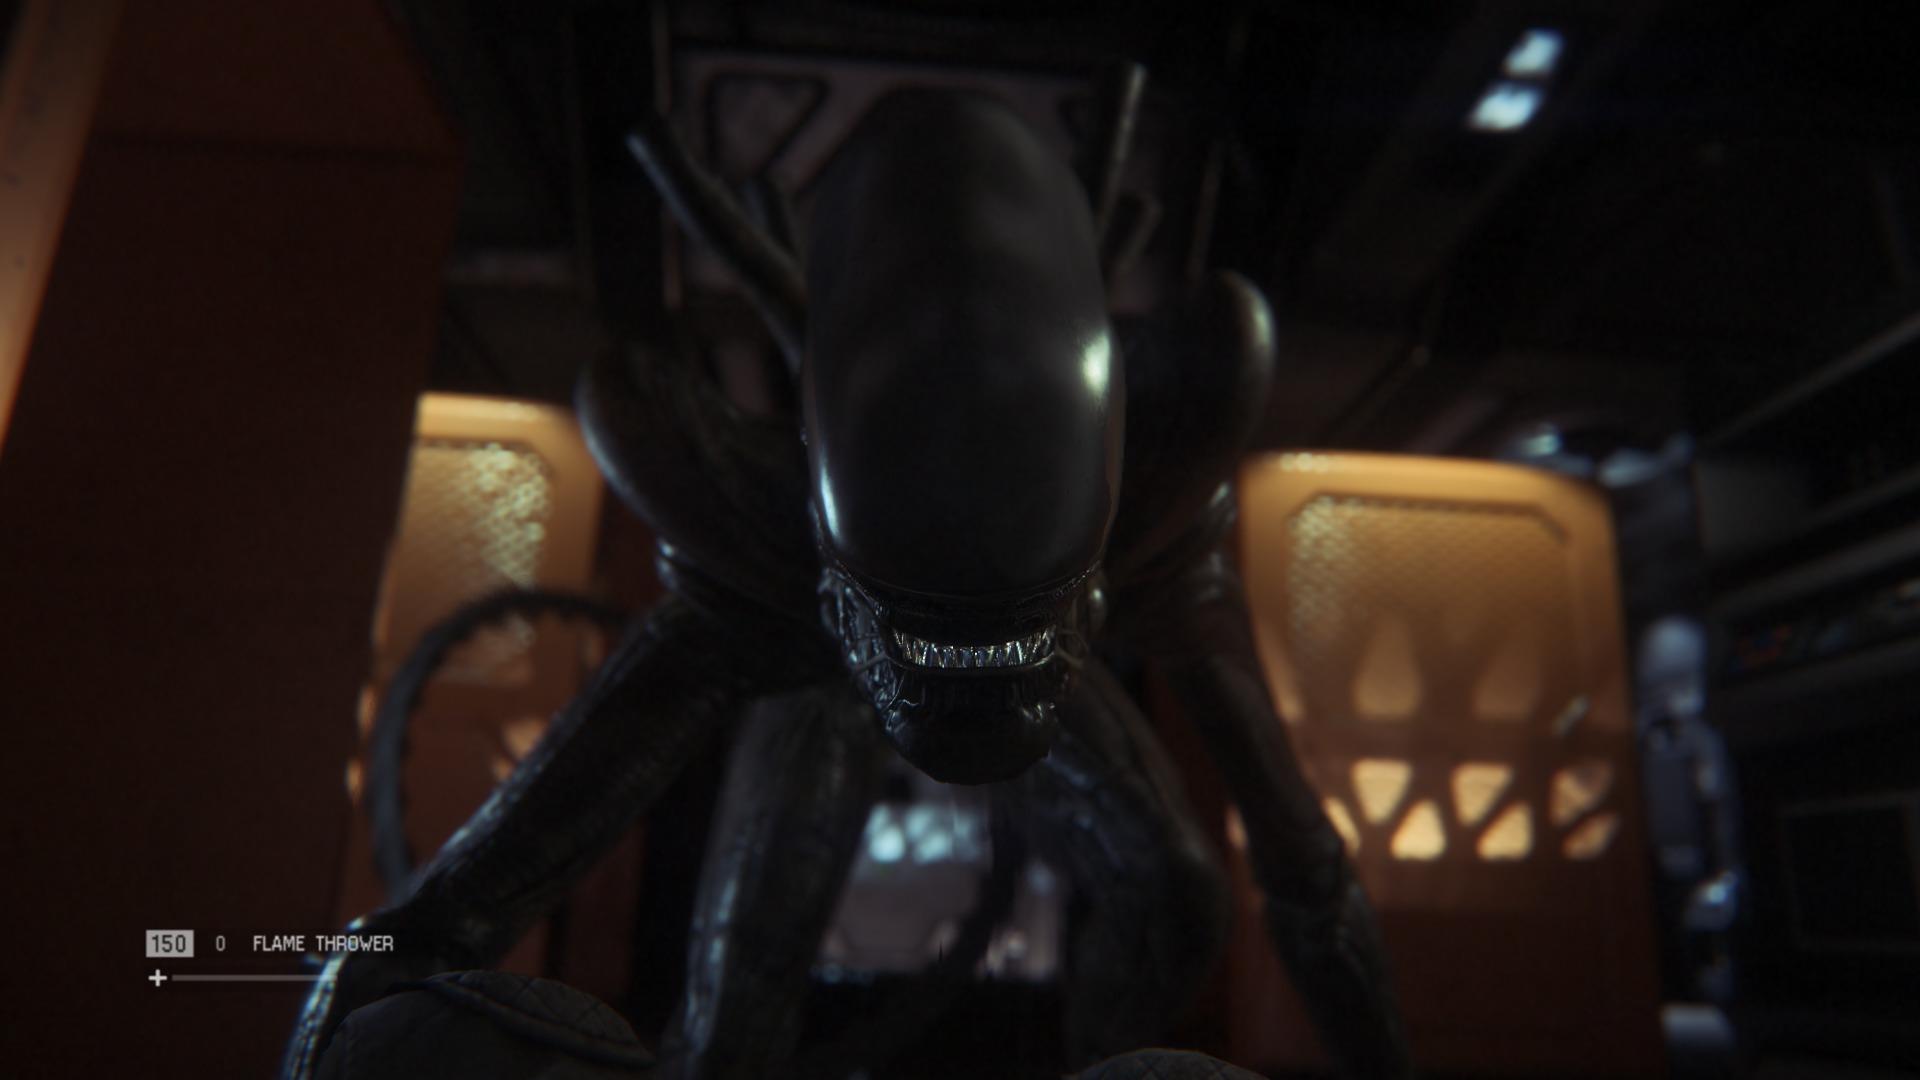 توسعهدهندگان Alien: Isolation در حال کار بر روی یک بازی شوتر قهرمانمحور هستند